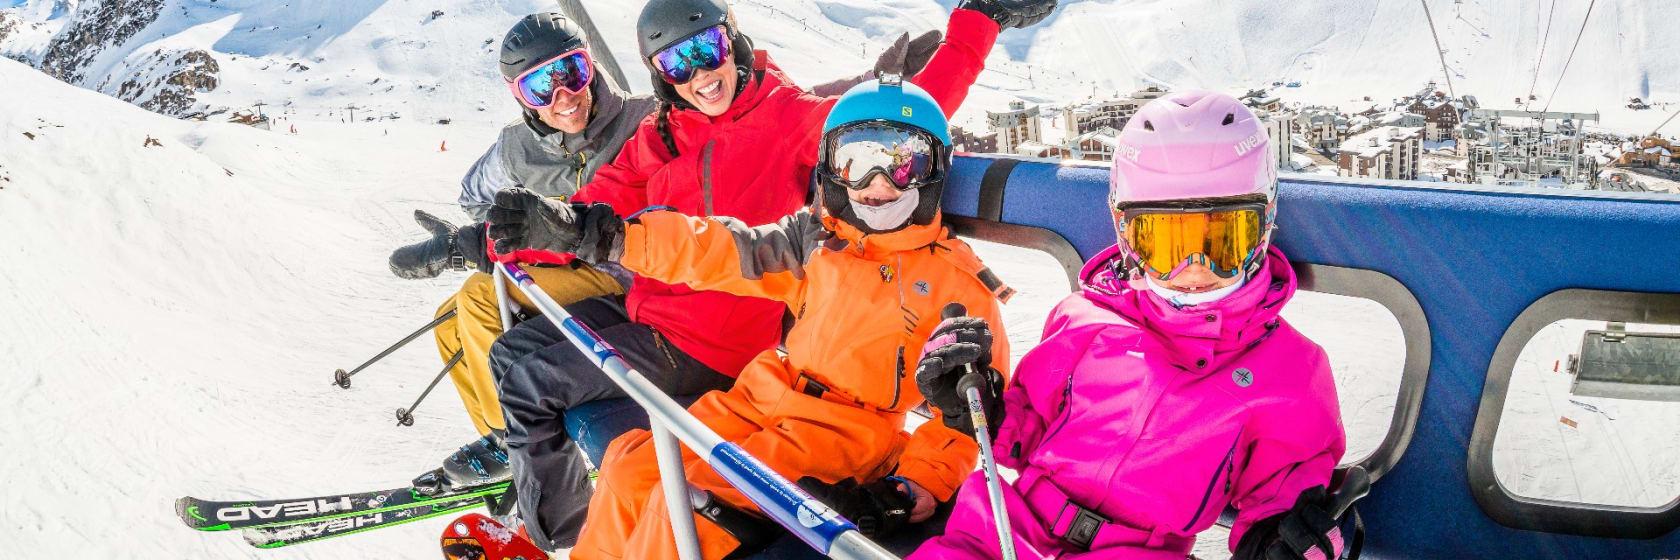 Glad familie på skiferie i lift med snebeklædte bjerge i baggrunden